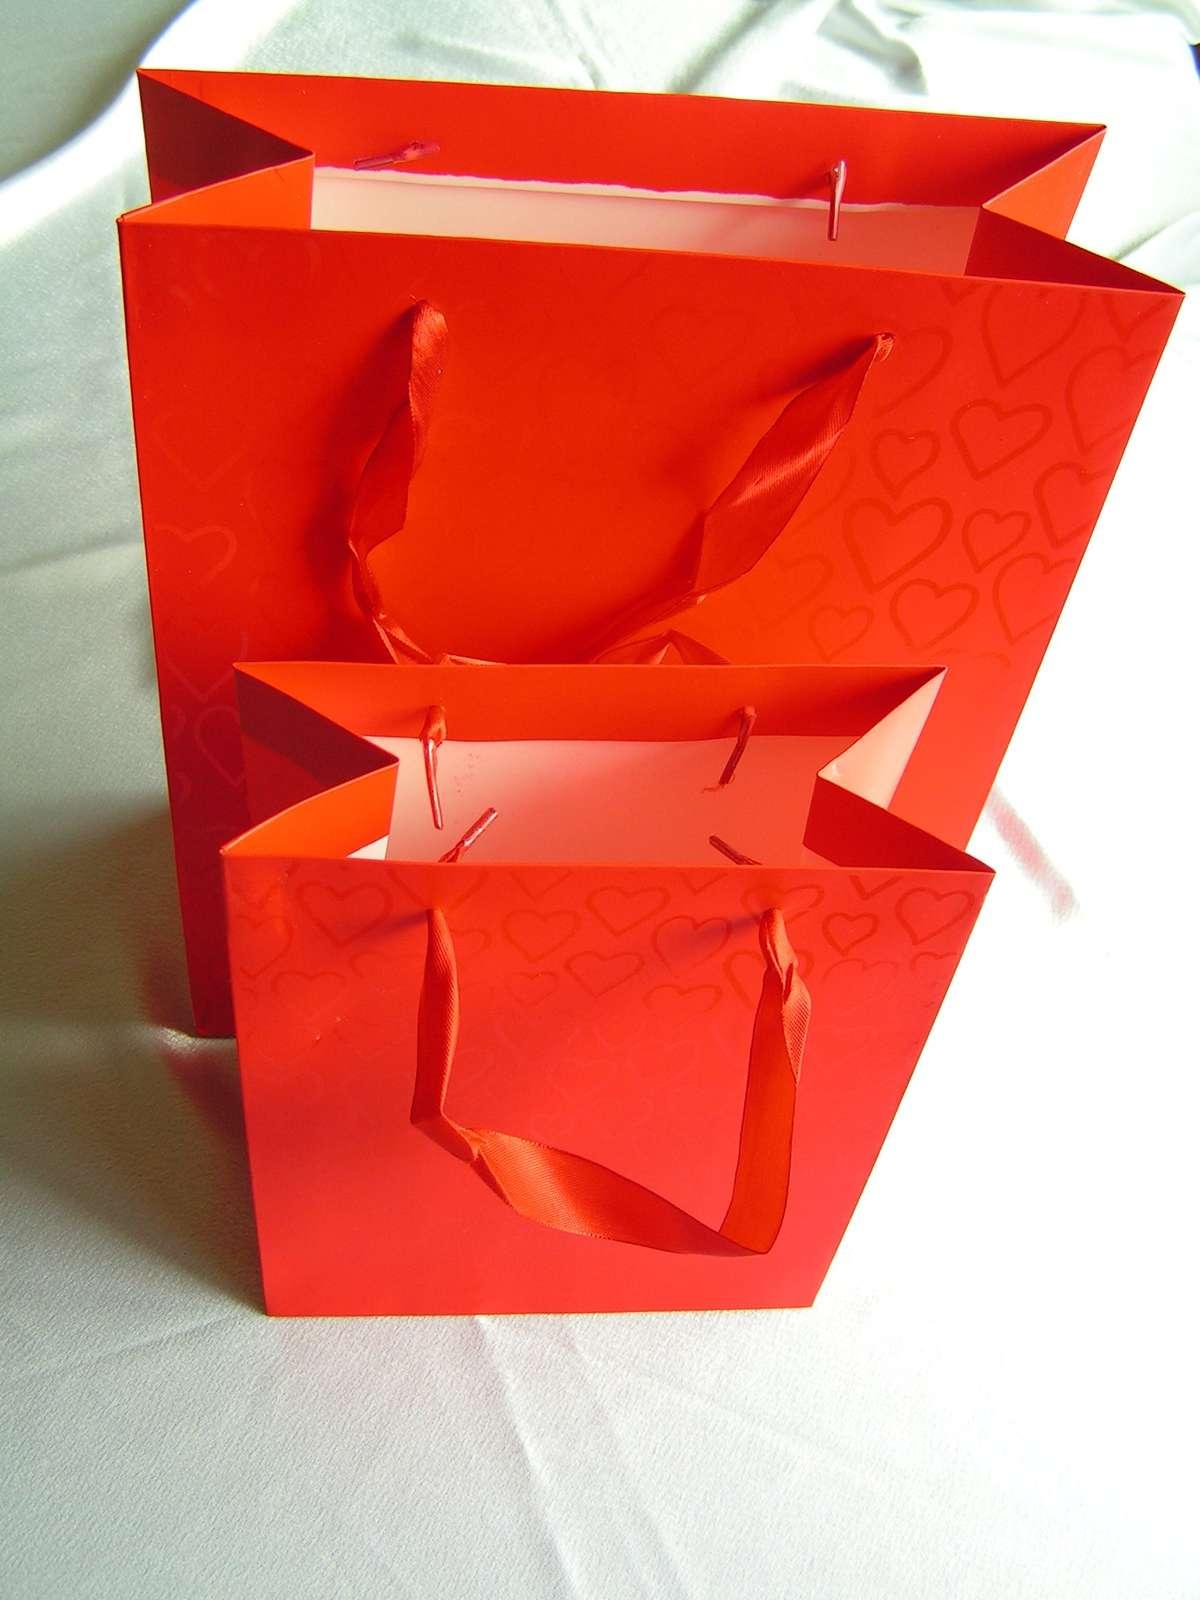 Velká dárková taška - 25 x 32 cm - Obrázek č. 4